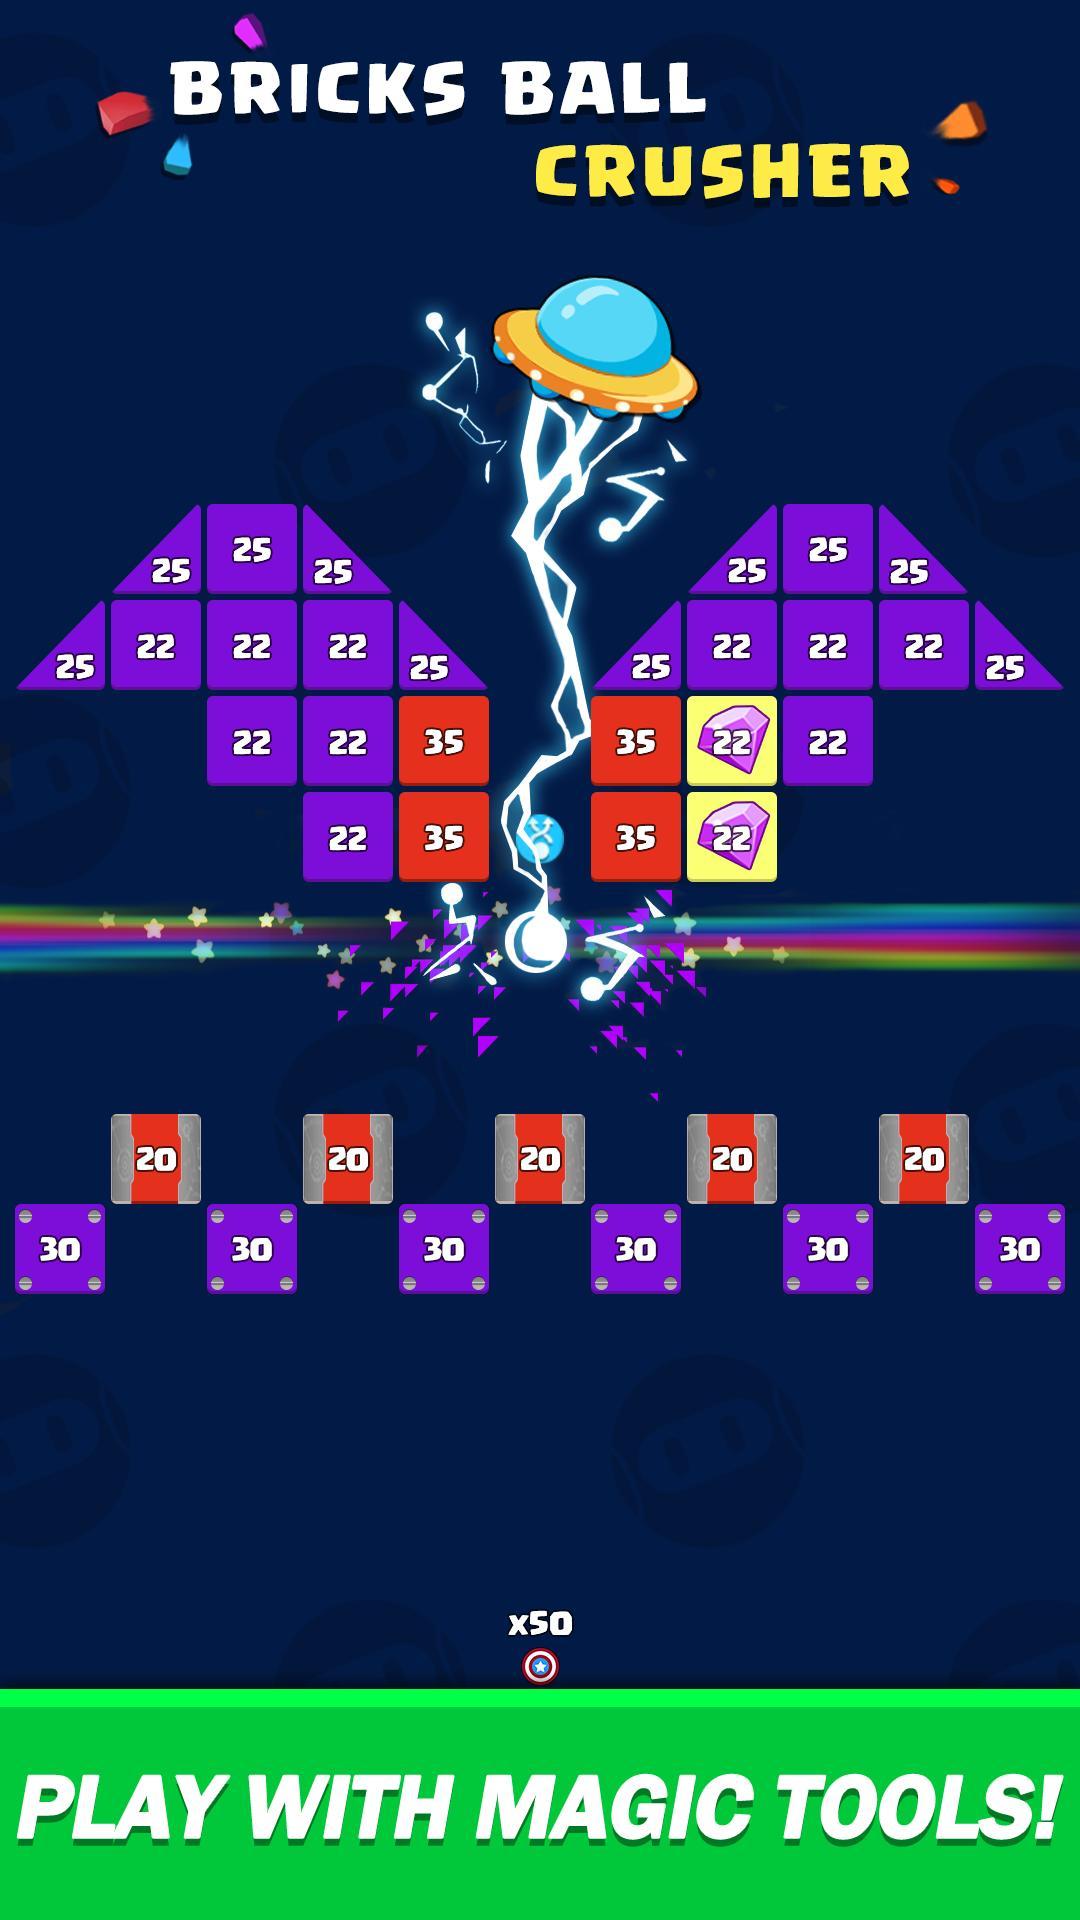 Bricks Ball Crusher 1.2.65 Screenshot 3